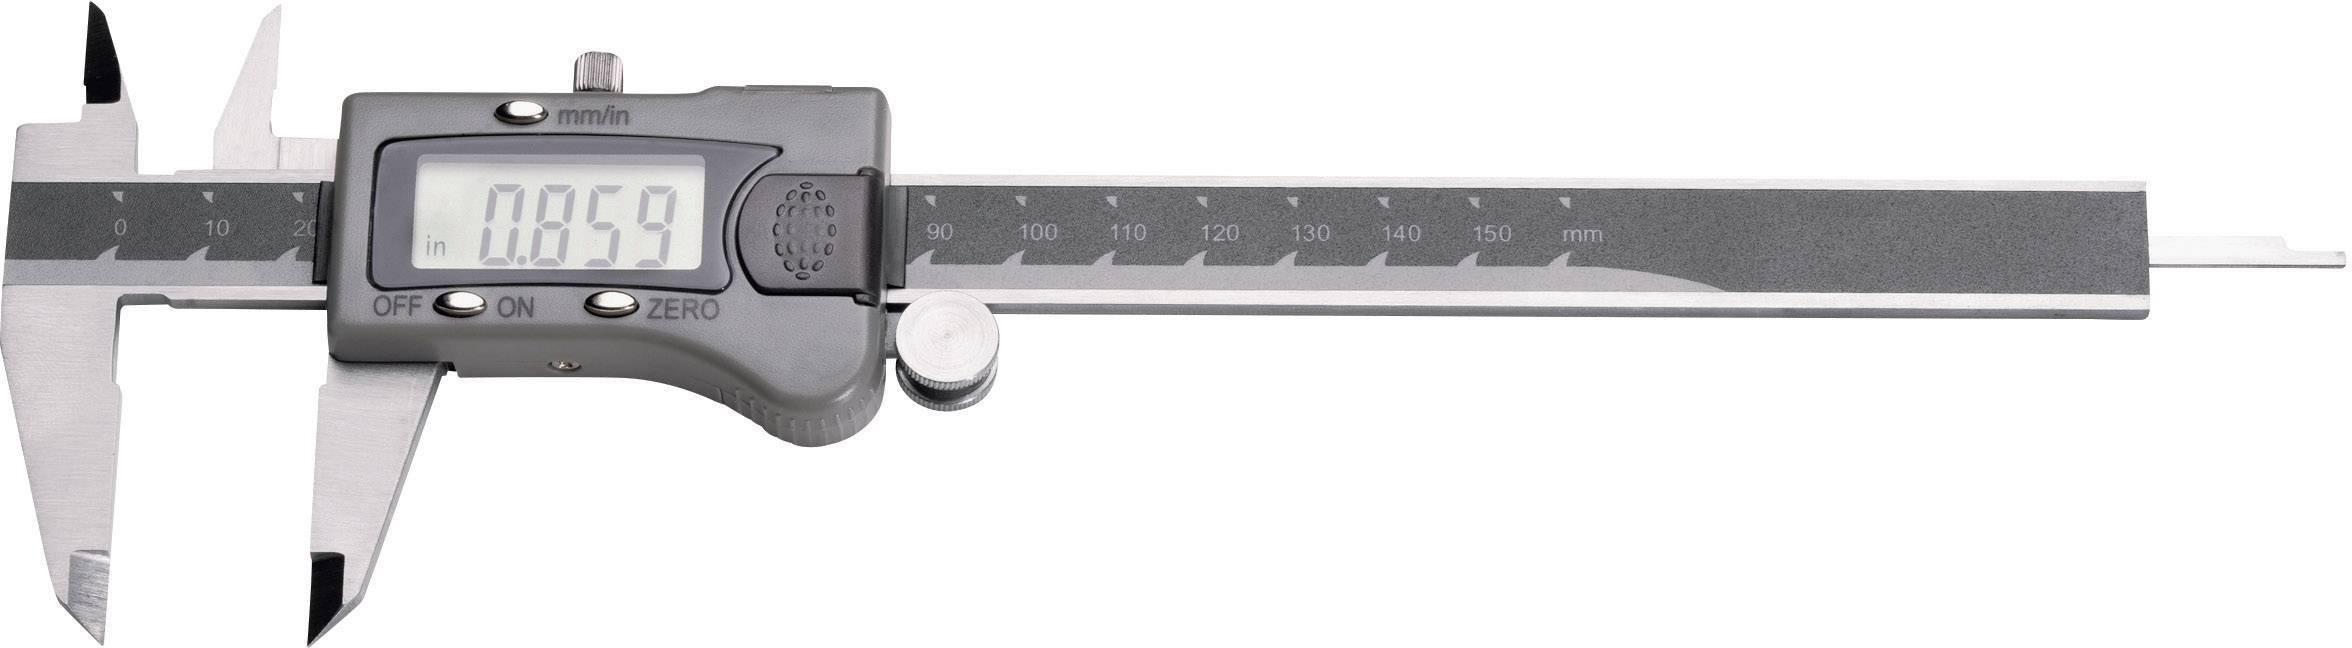 Digitálne posuvné meradlo Horex 2211718, rozsah merania 200 mm